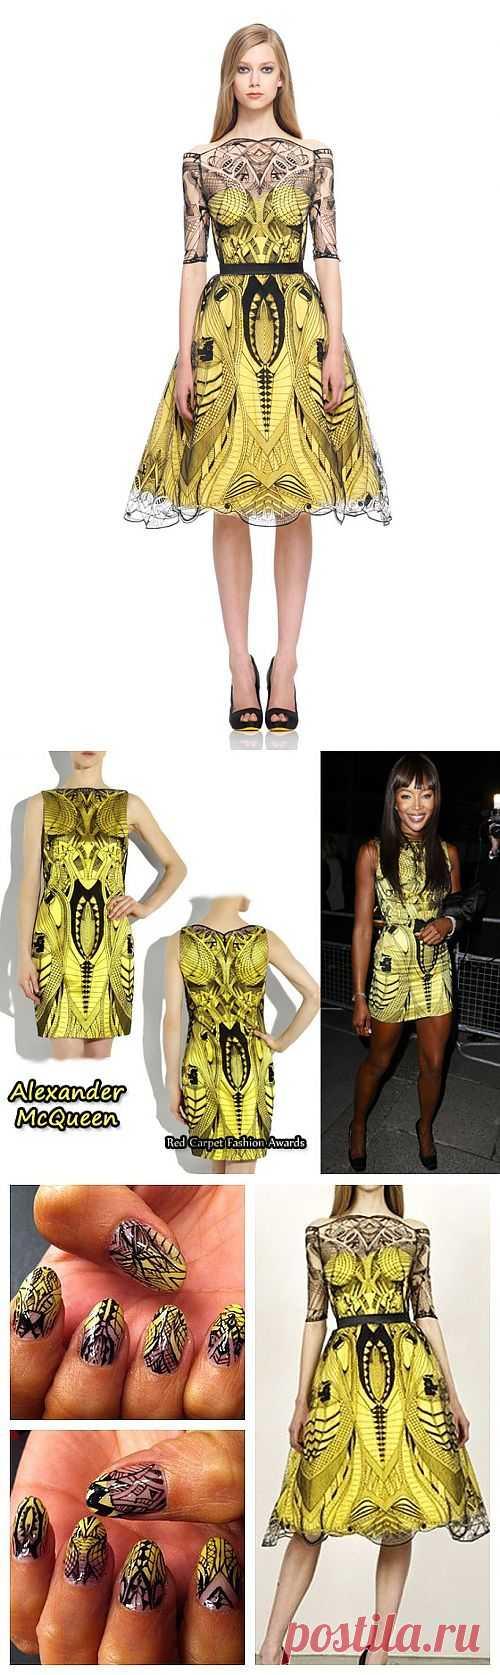 Шикарное платье... / Вещь / Модный сайт о стильной переделке одежды и интерьера